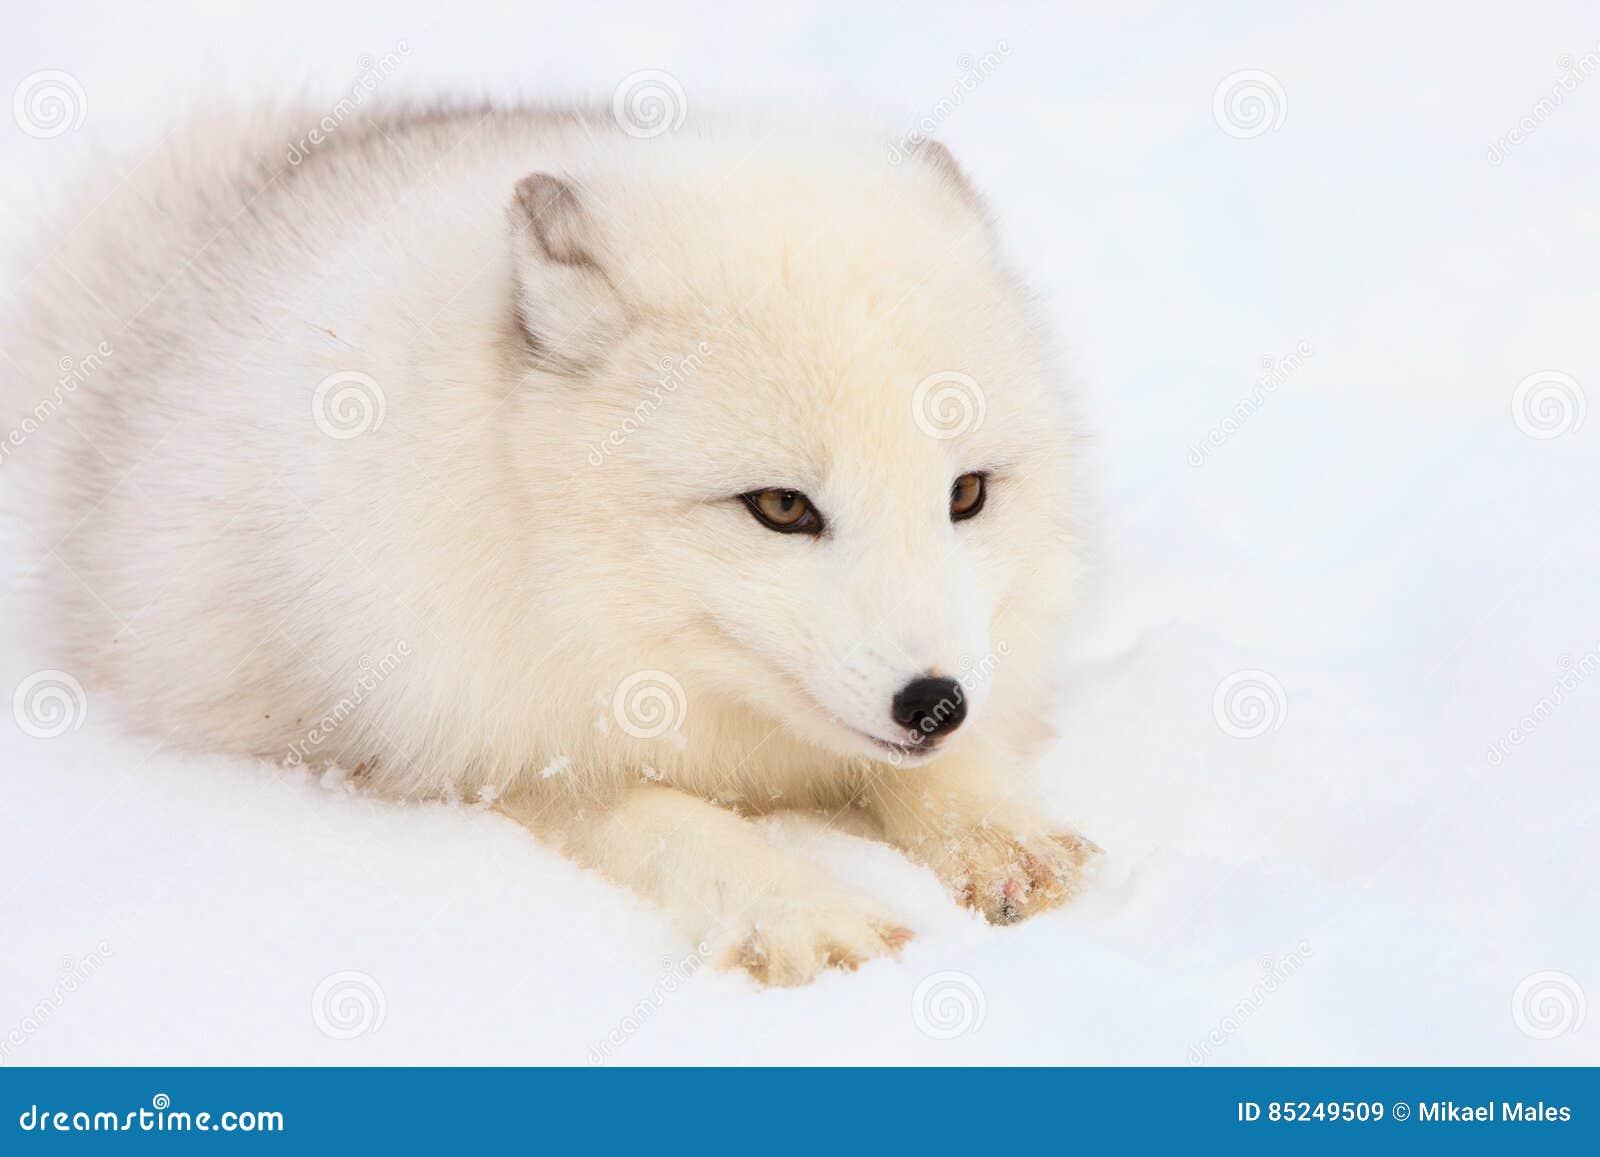 Sguardo fisso intenso della volpe artica